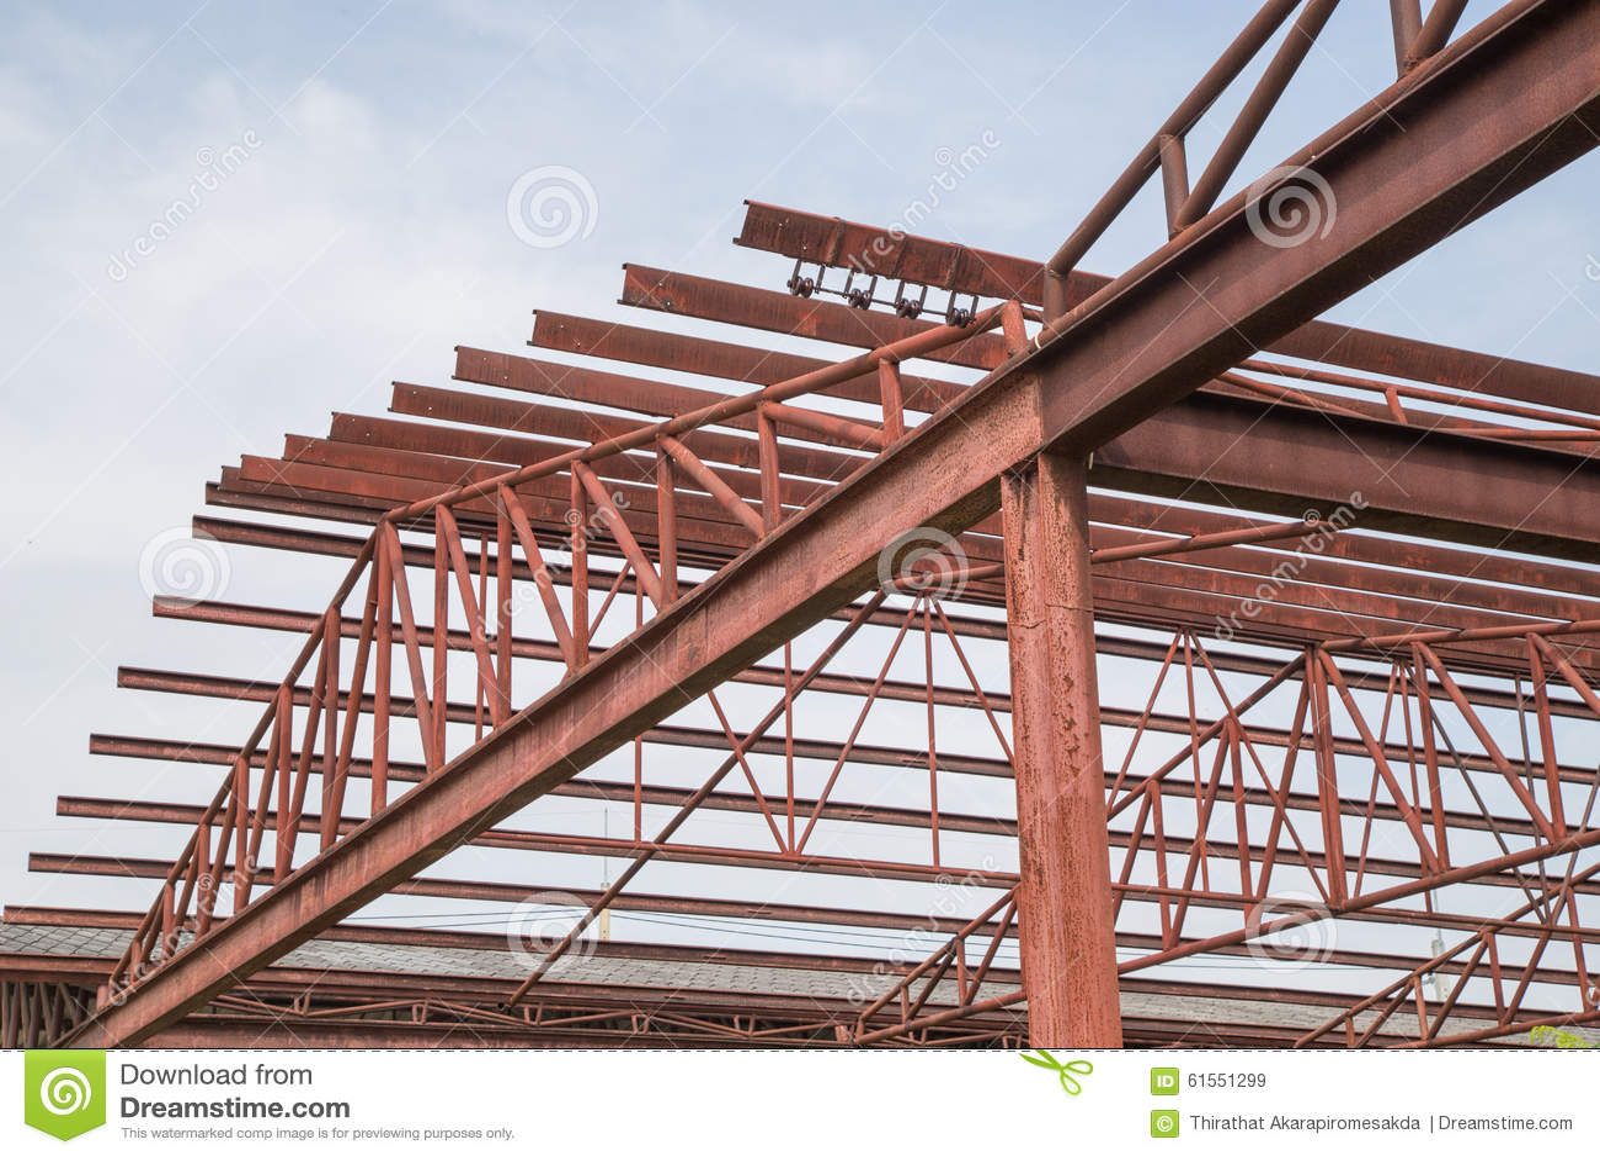 Stahlbau-Rahmen stockbild. Bild von gewebe, zustand, zimmerei - 61551299